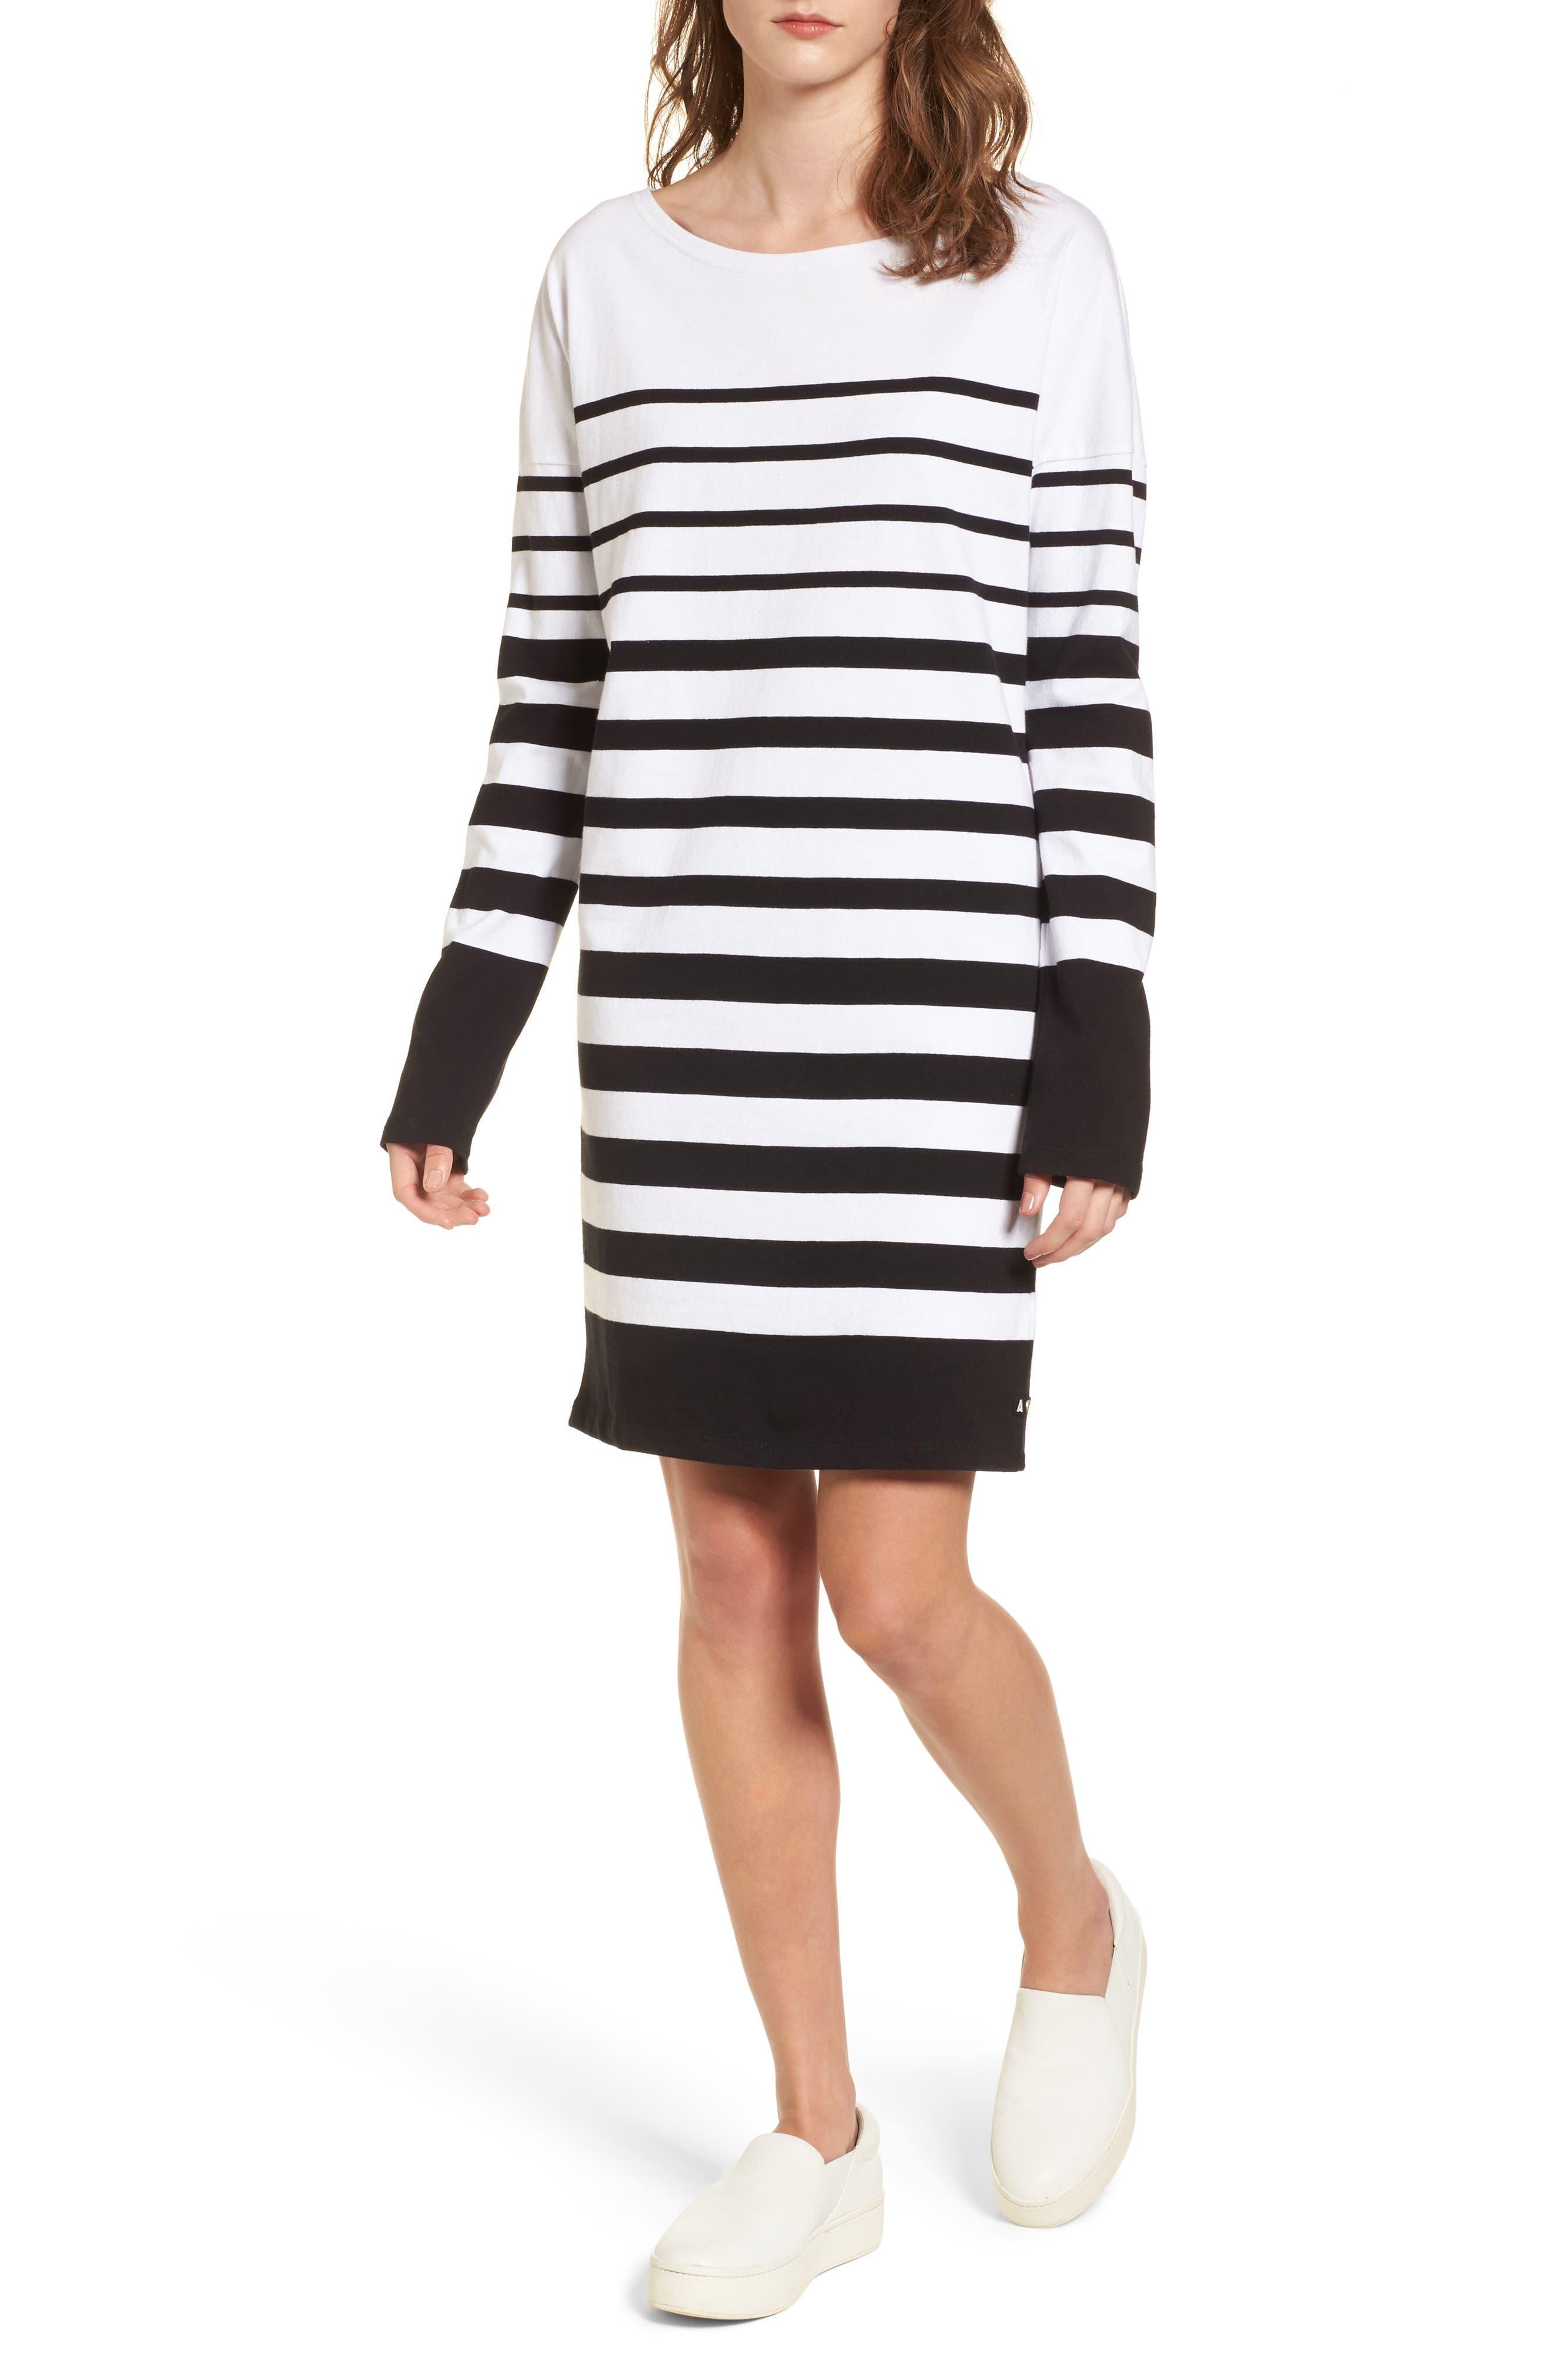 Breton Stripe Cotton Shift Dress,                             Main thumbnail 1, color,                             001